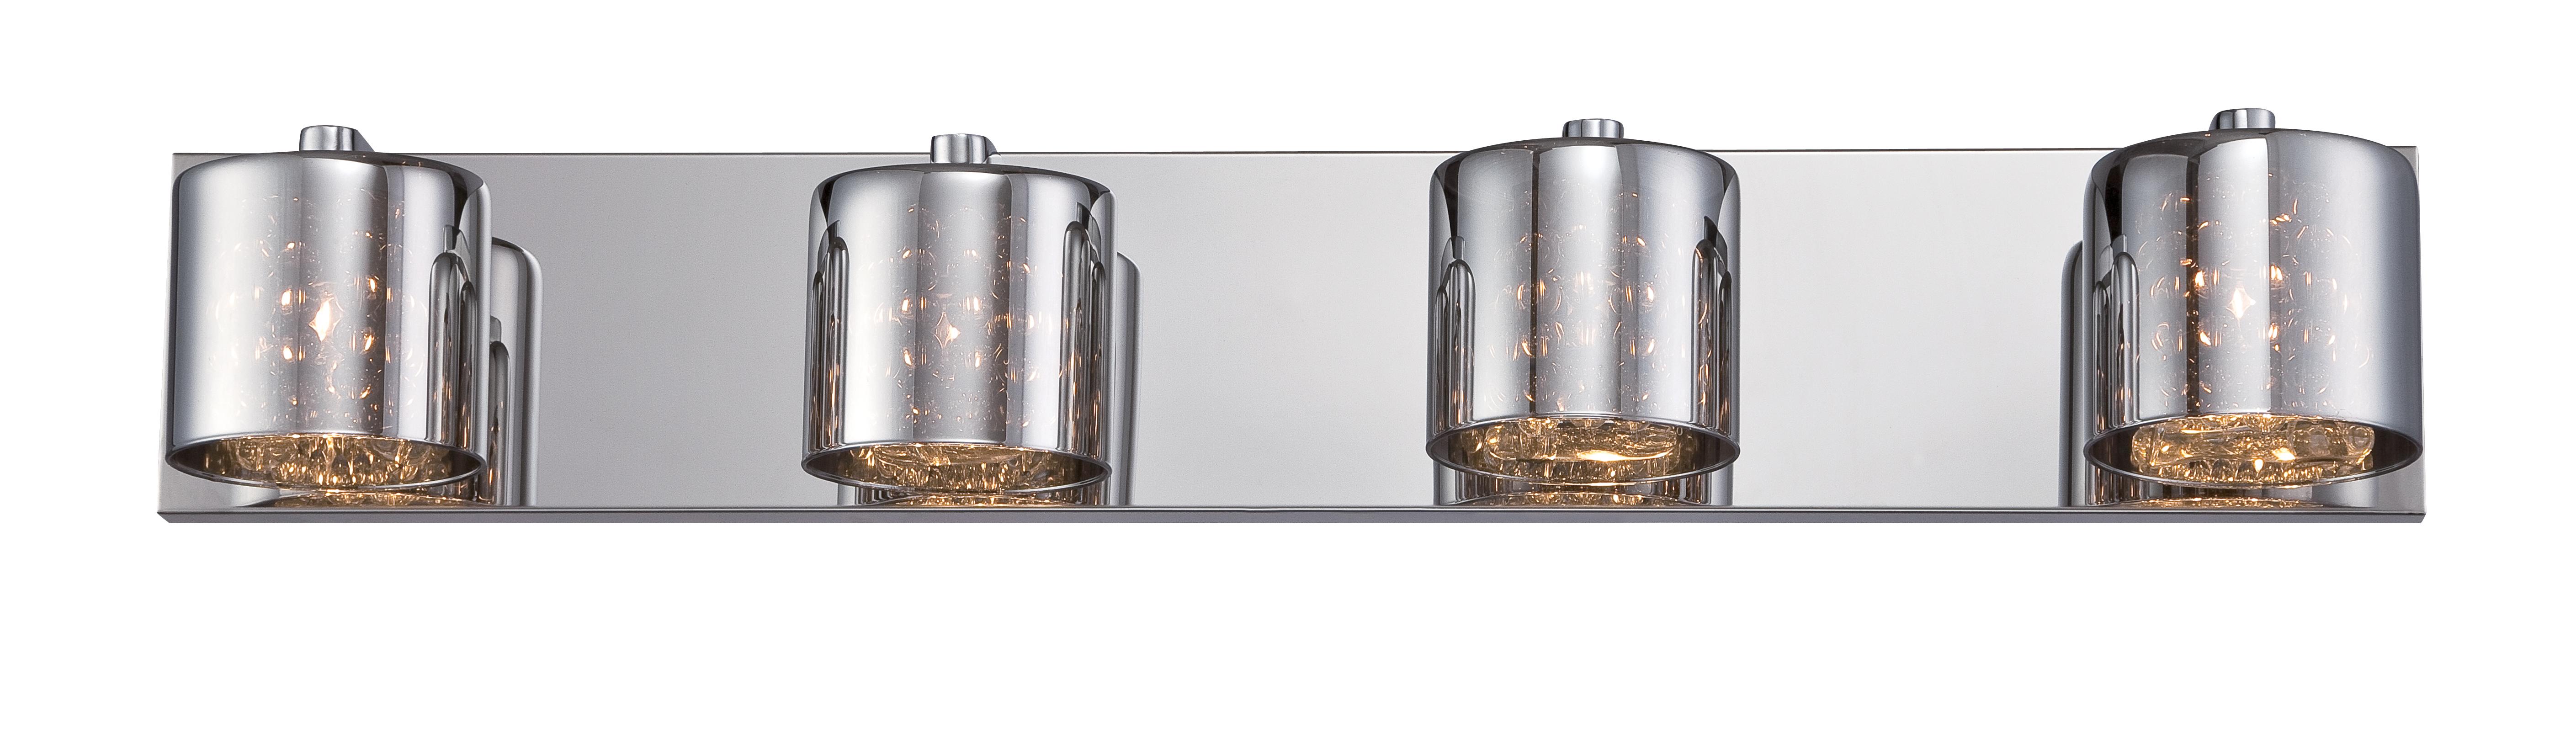 Bathroom Vanity Lights At Home Depot vanity light home depot - mobroi